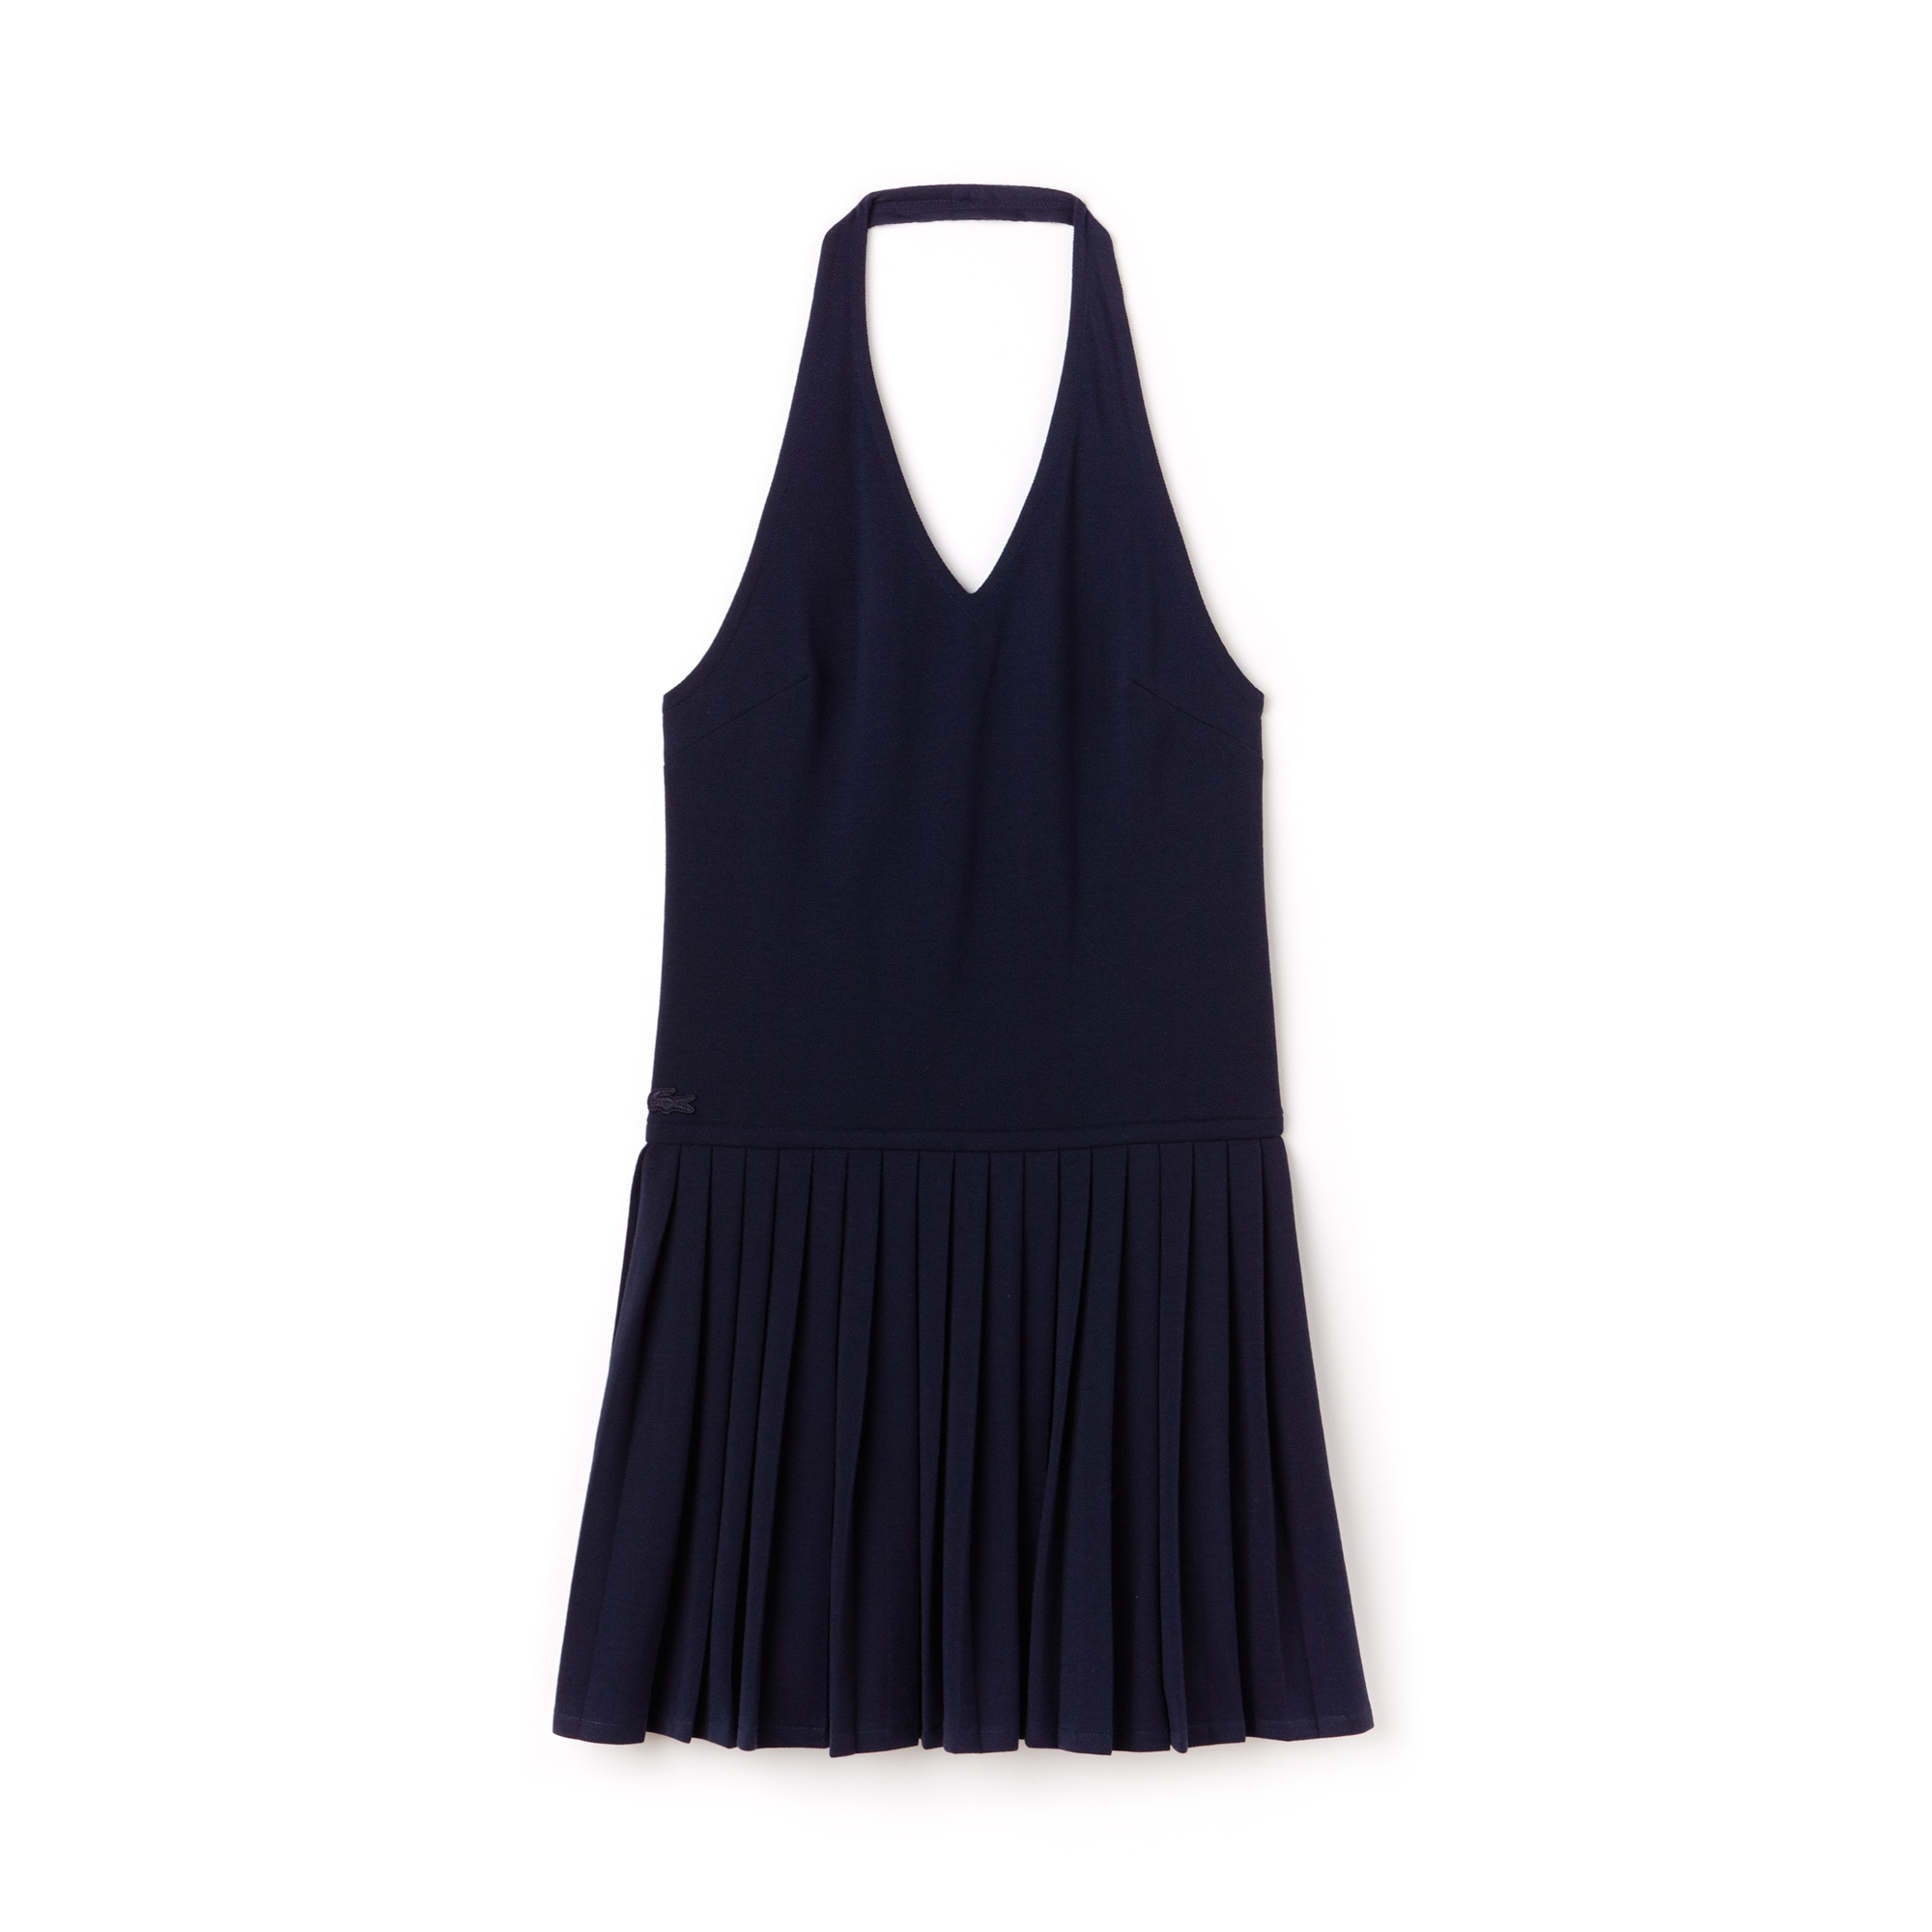 Vestido costas nuas Lacoste em petit piqué Edição limitada Aniversário 85 anos Reedição anos 60